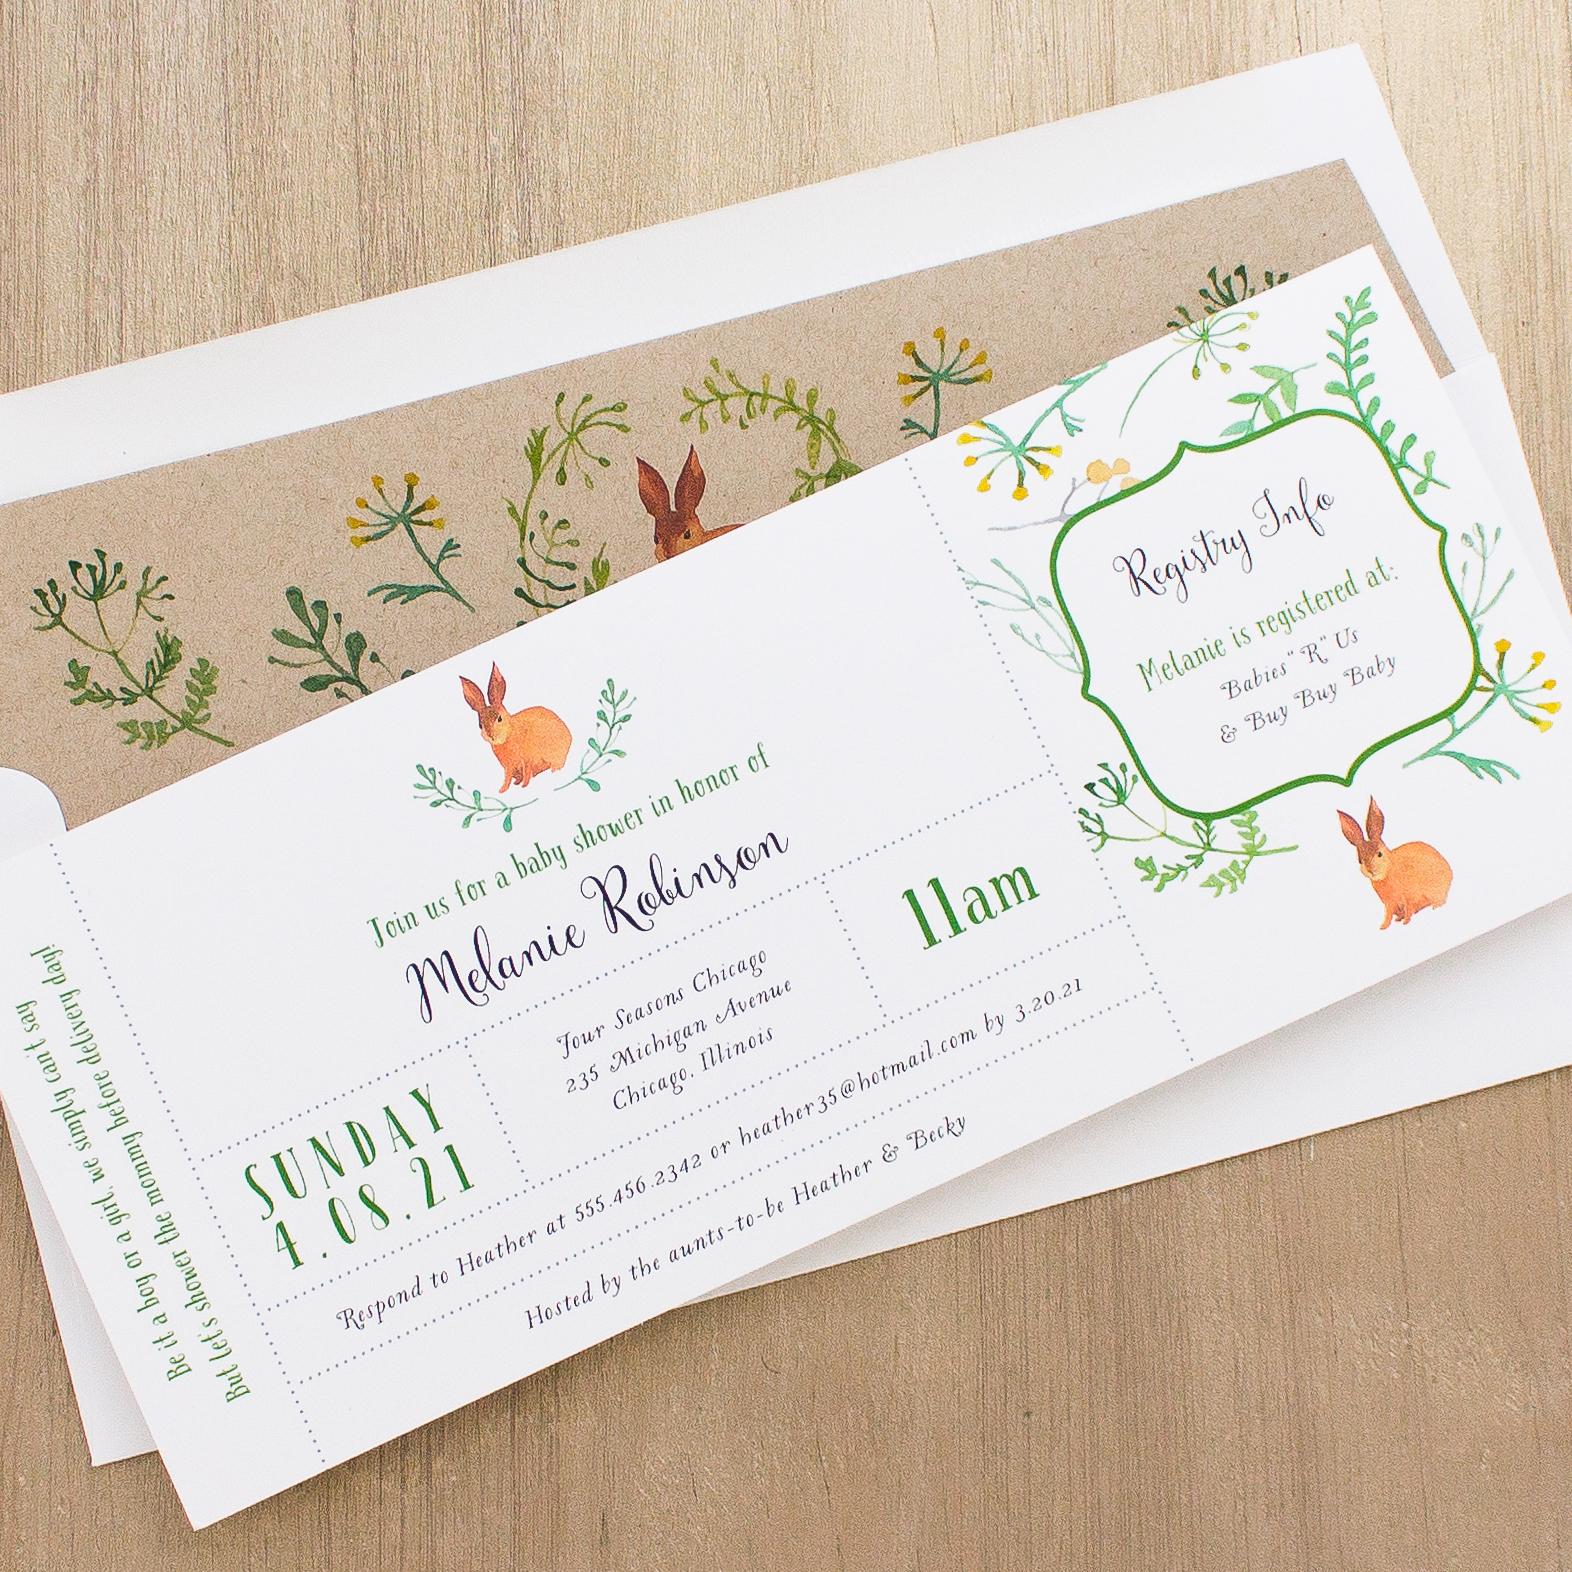 Velveteen Rabbit Baby Shower Invitations | Beacon Lane